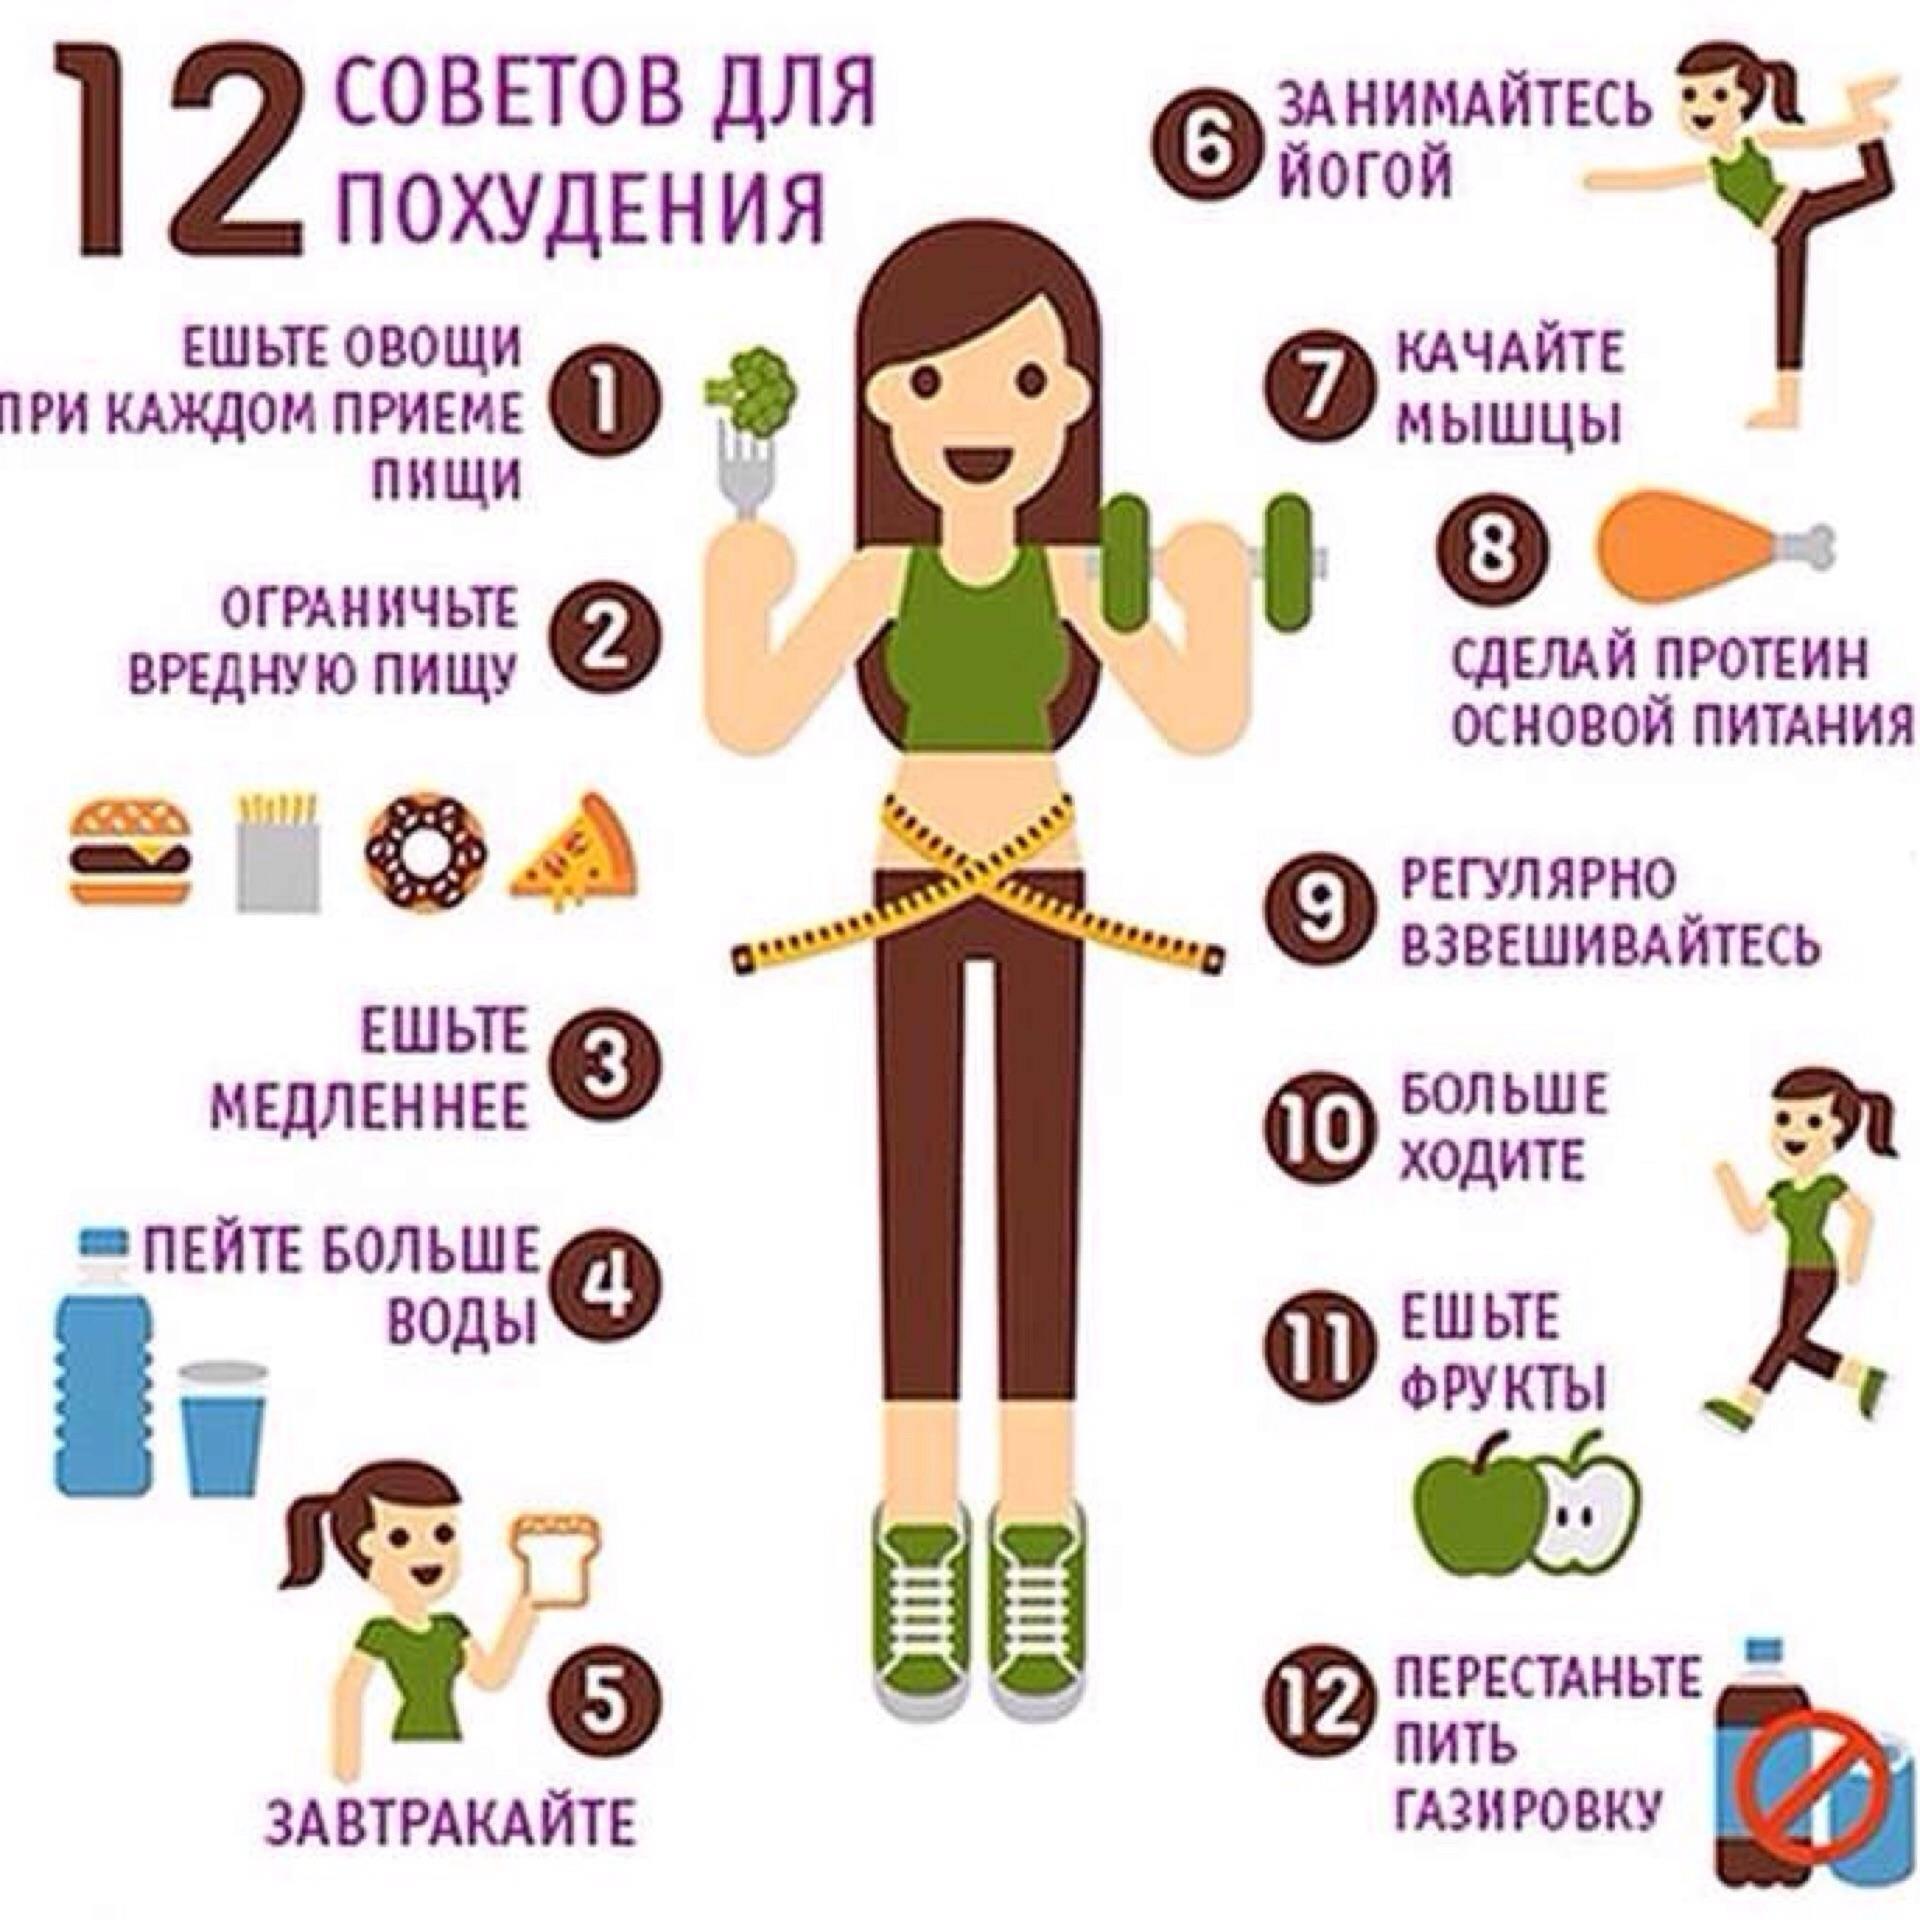 Как правильно питаться чтобы похудеть - советы как убрать живот и быть здоровым